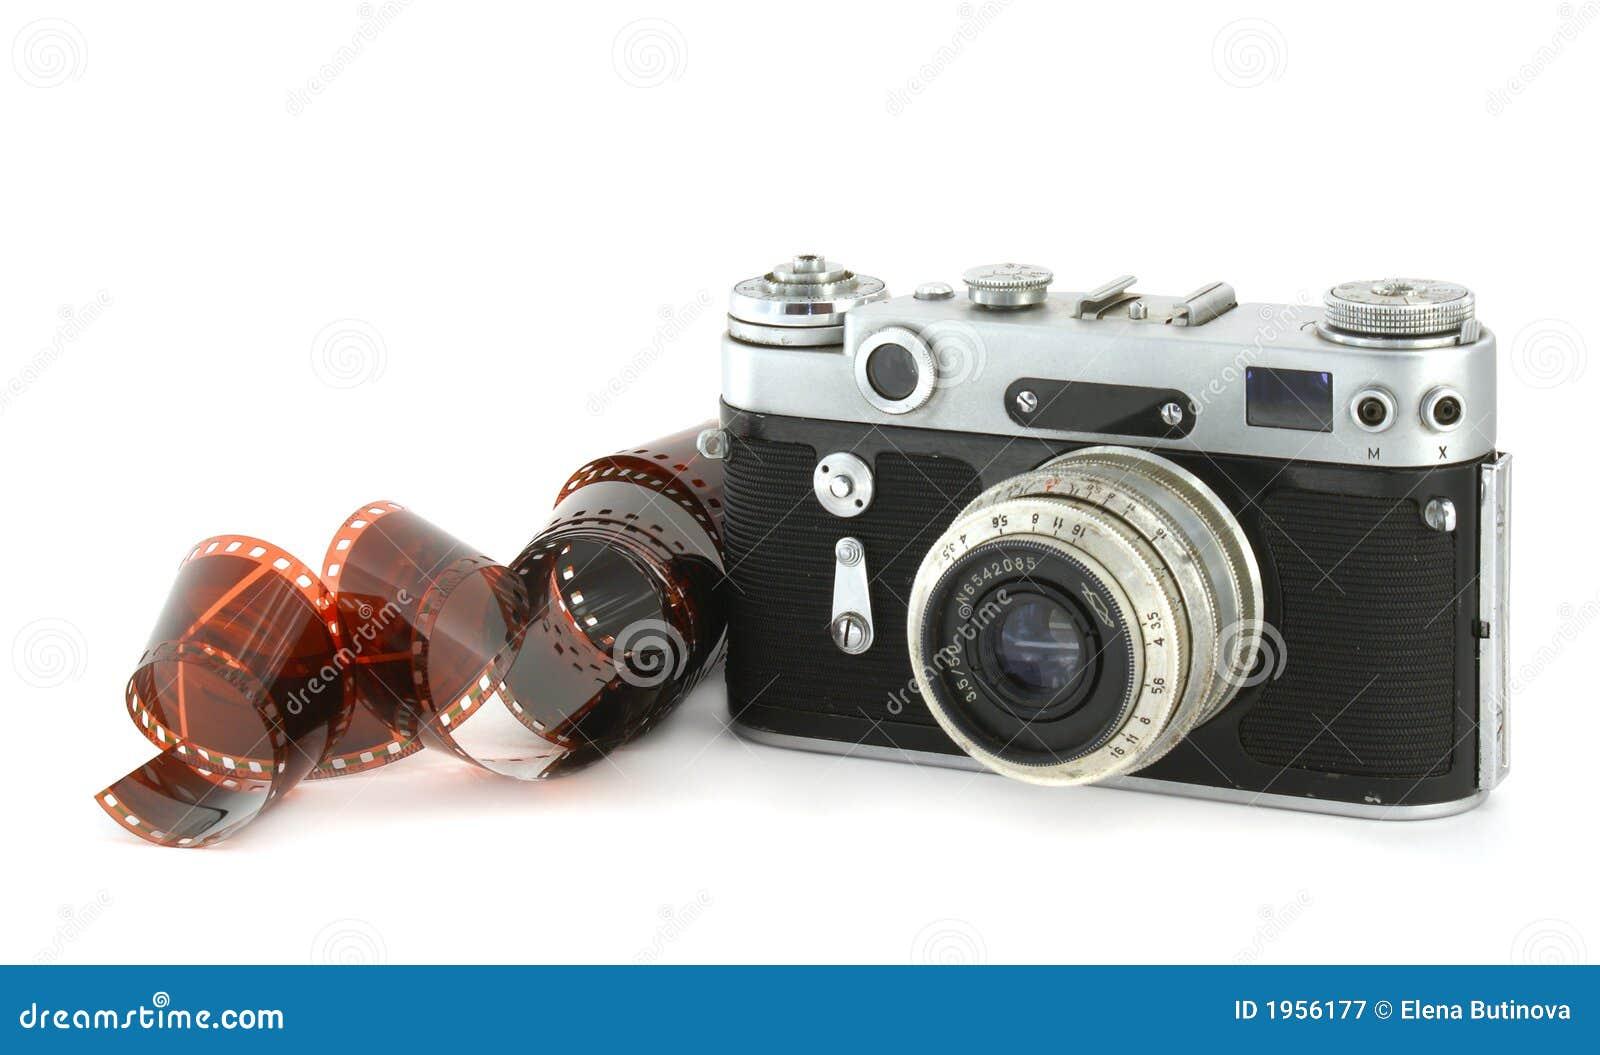 Vecchia Macchina Fotografica Con Una Pellicola Immagine Stock Immagine Di Grano Pellicola 1956177